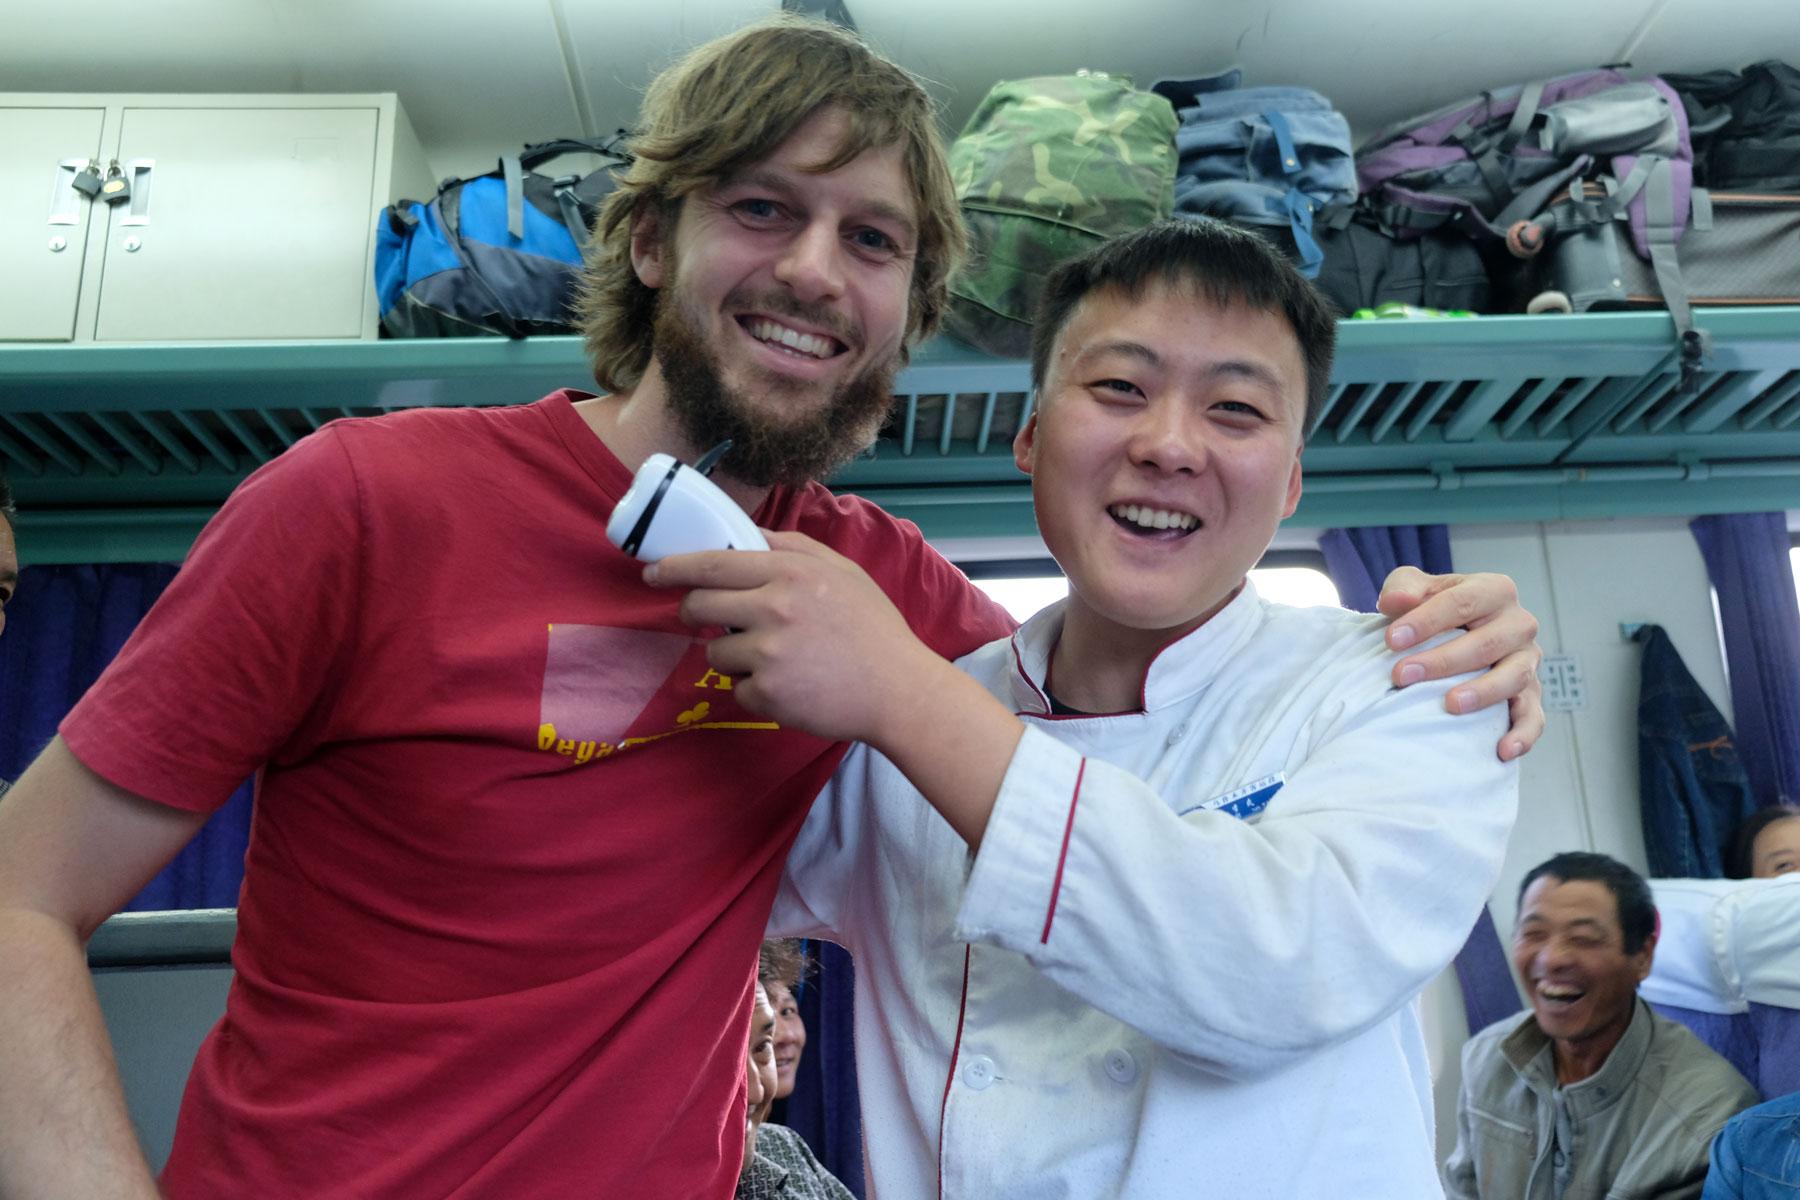 Dieser chinesische Rasierapparatverkäufer war begeistert von Sebastian - endlich mal jemand mit Bart im Zug! Da war schnell klar, wer als Versuchskaninchen ausgewählt wurde ;-)